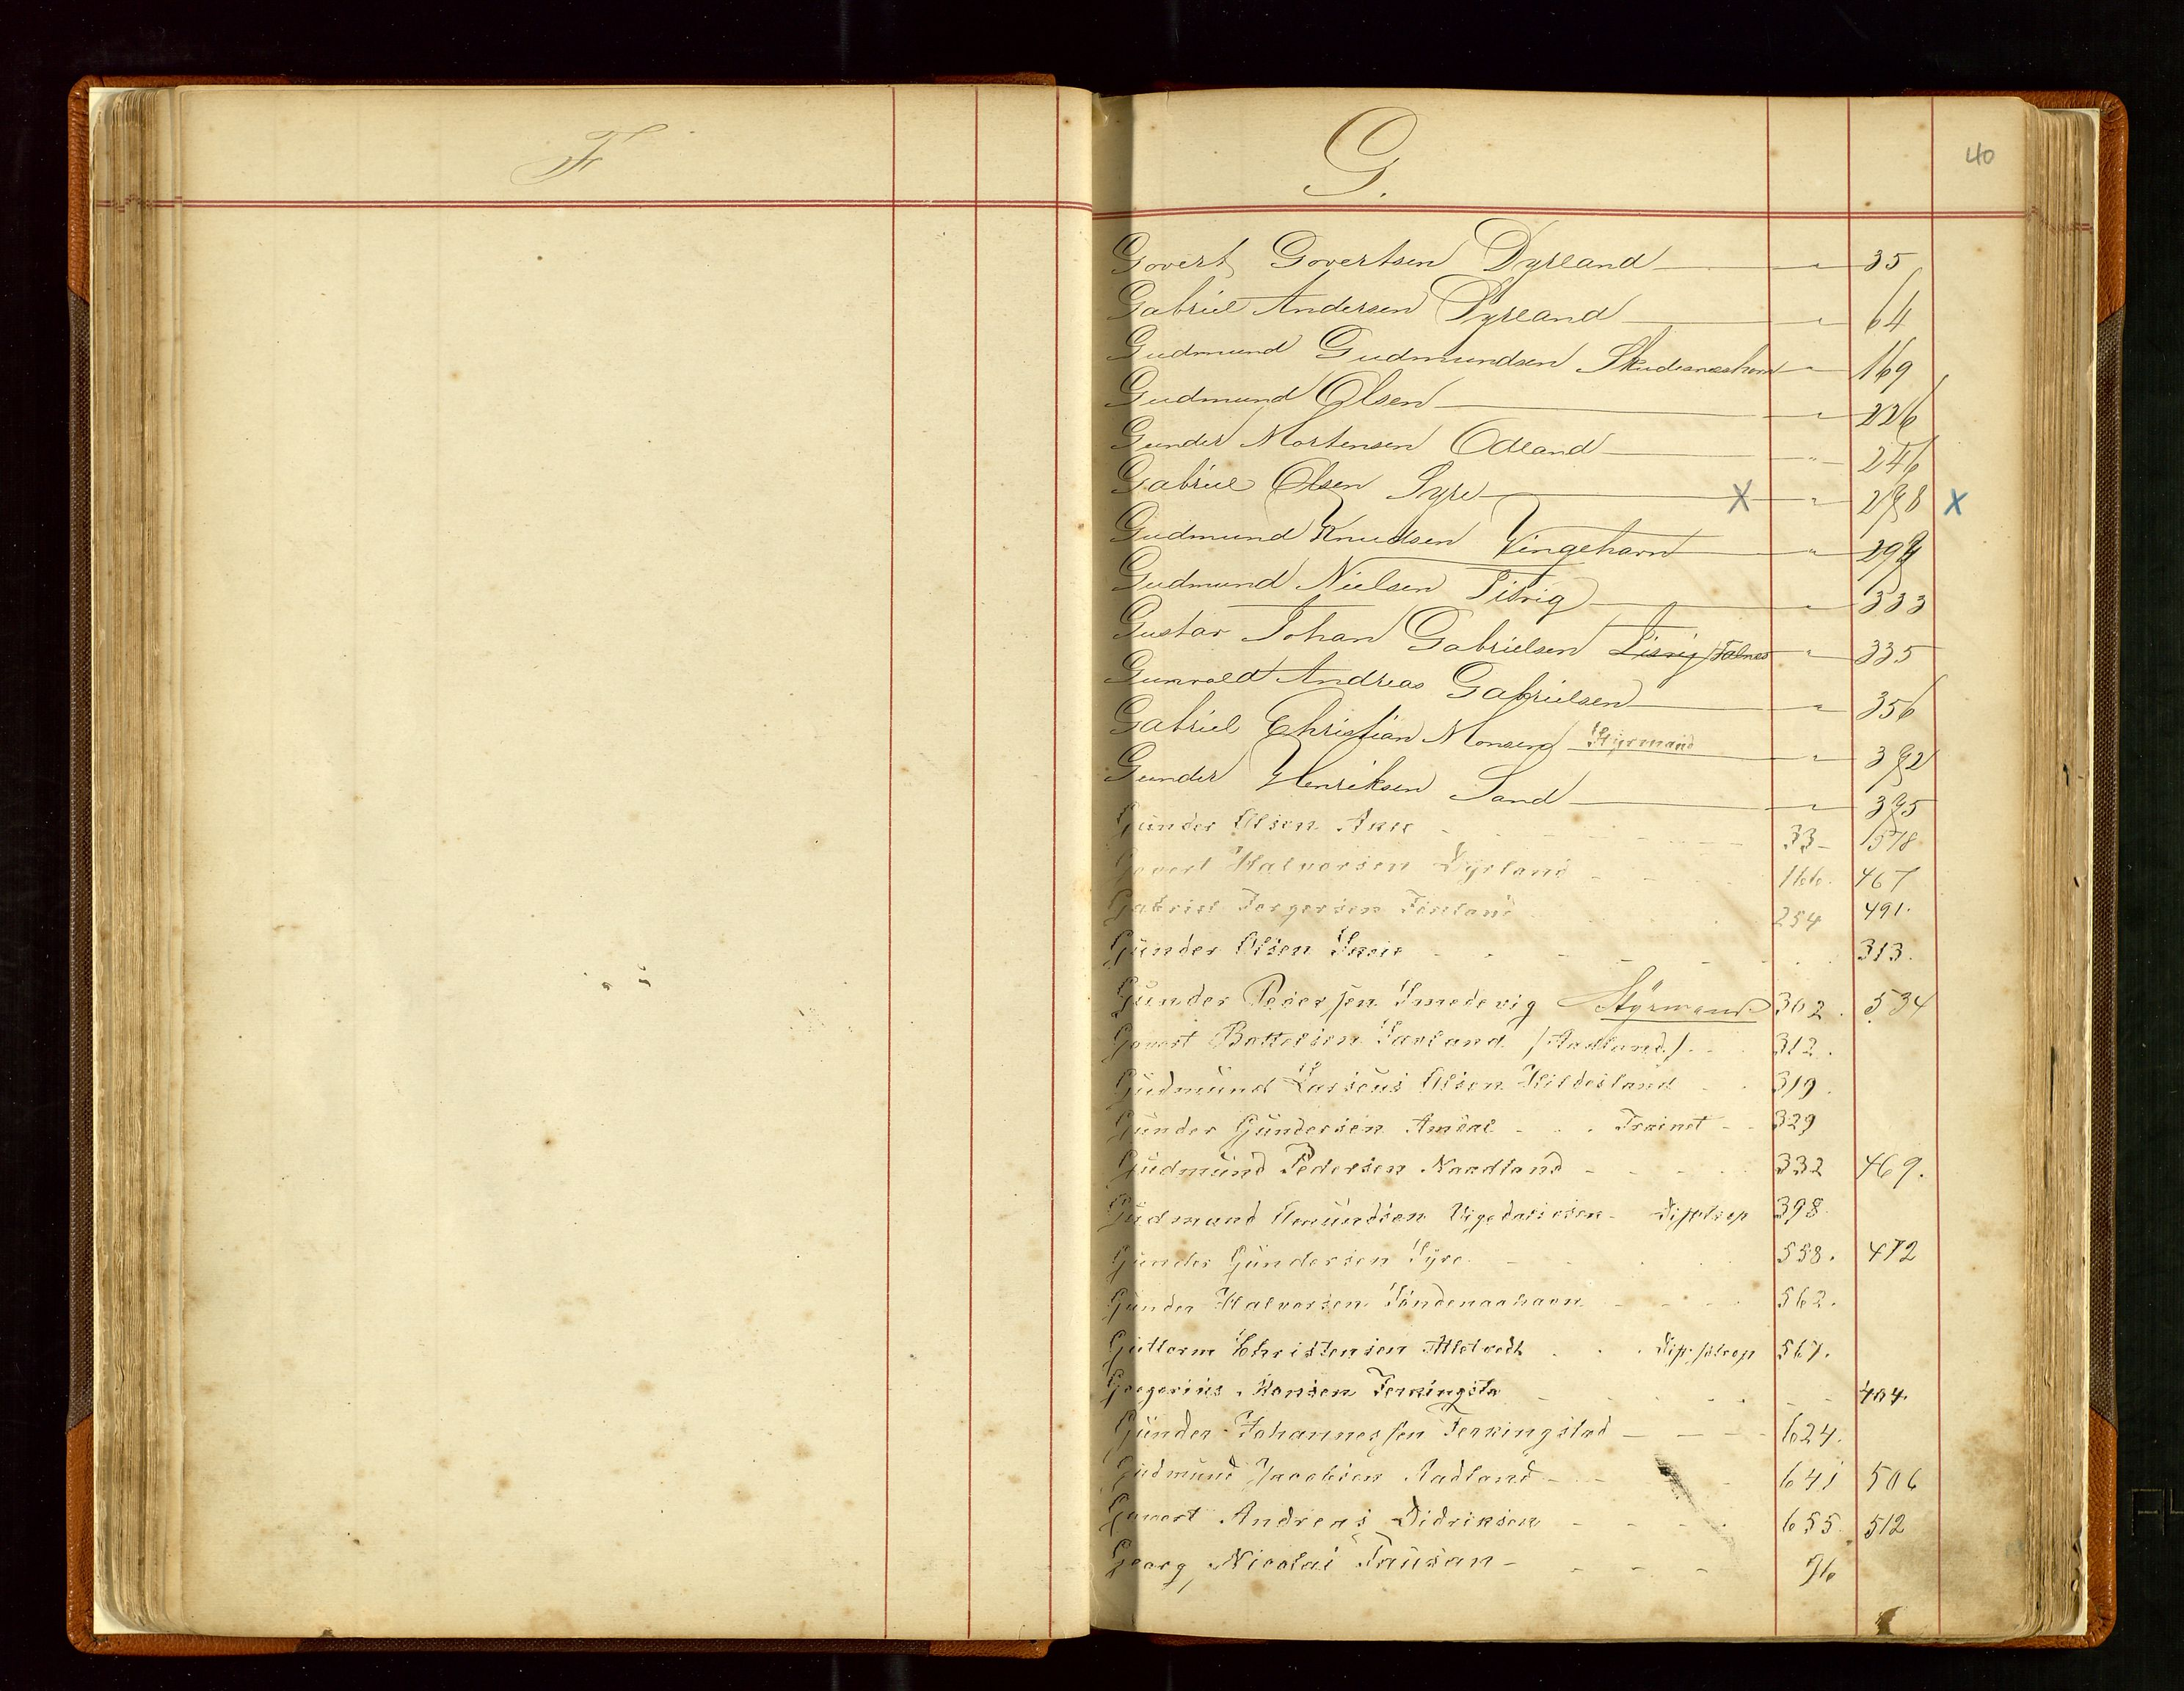 SAST, Haugesund sjømannskontor, F/Fb/Fba/L0003: Navneregister med henvisning til rullenummer (fornavn) Haugesund krets, 1860-1948, p. 40